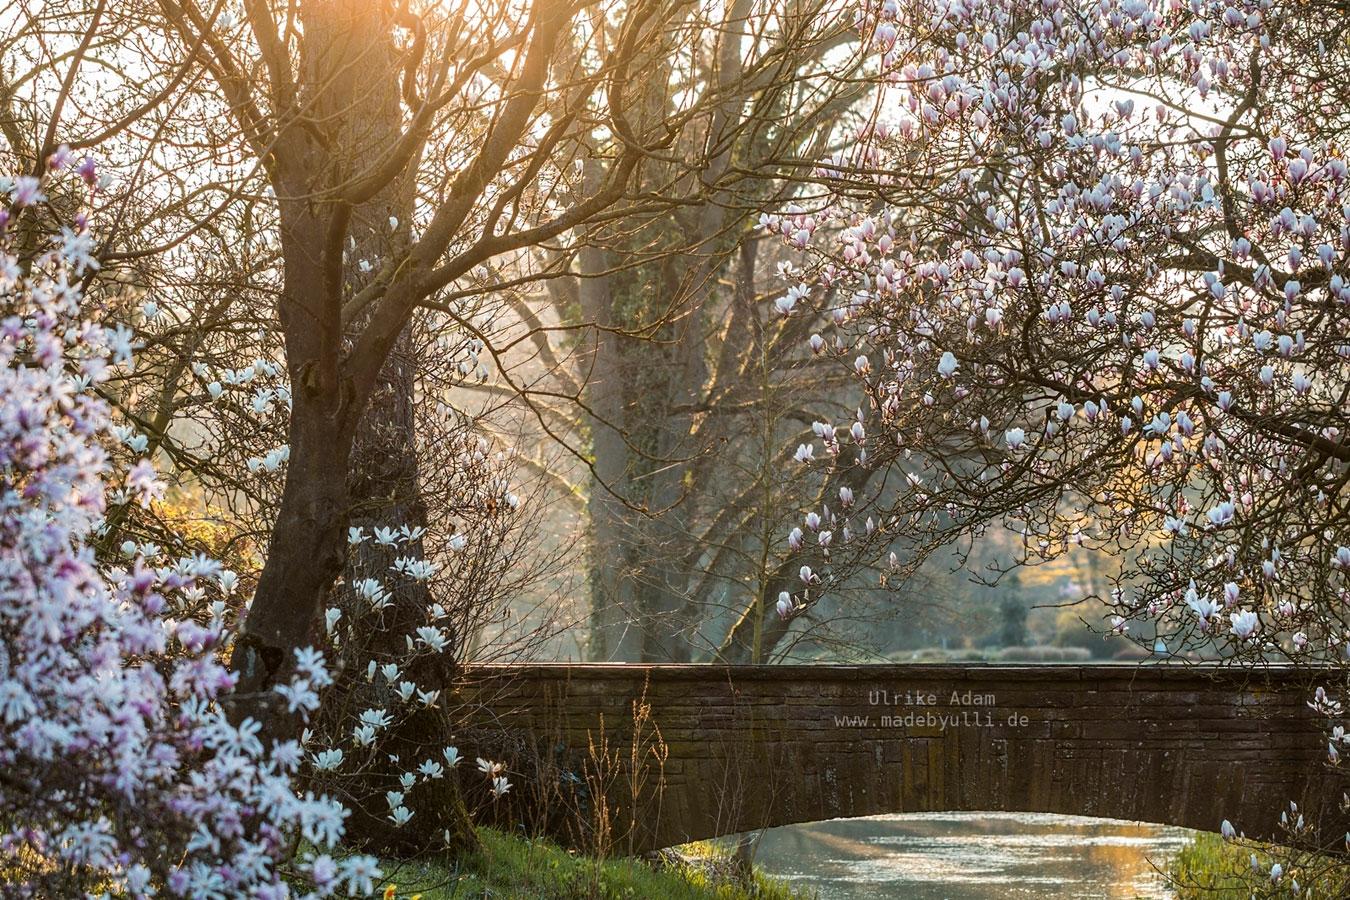 Рододендрон-парк Бремен, Германия, © Ульрике Адам, 3 место в категории «Праздник садов», Фотоконкурс RHS Photographic